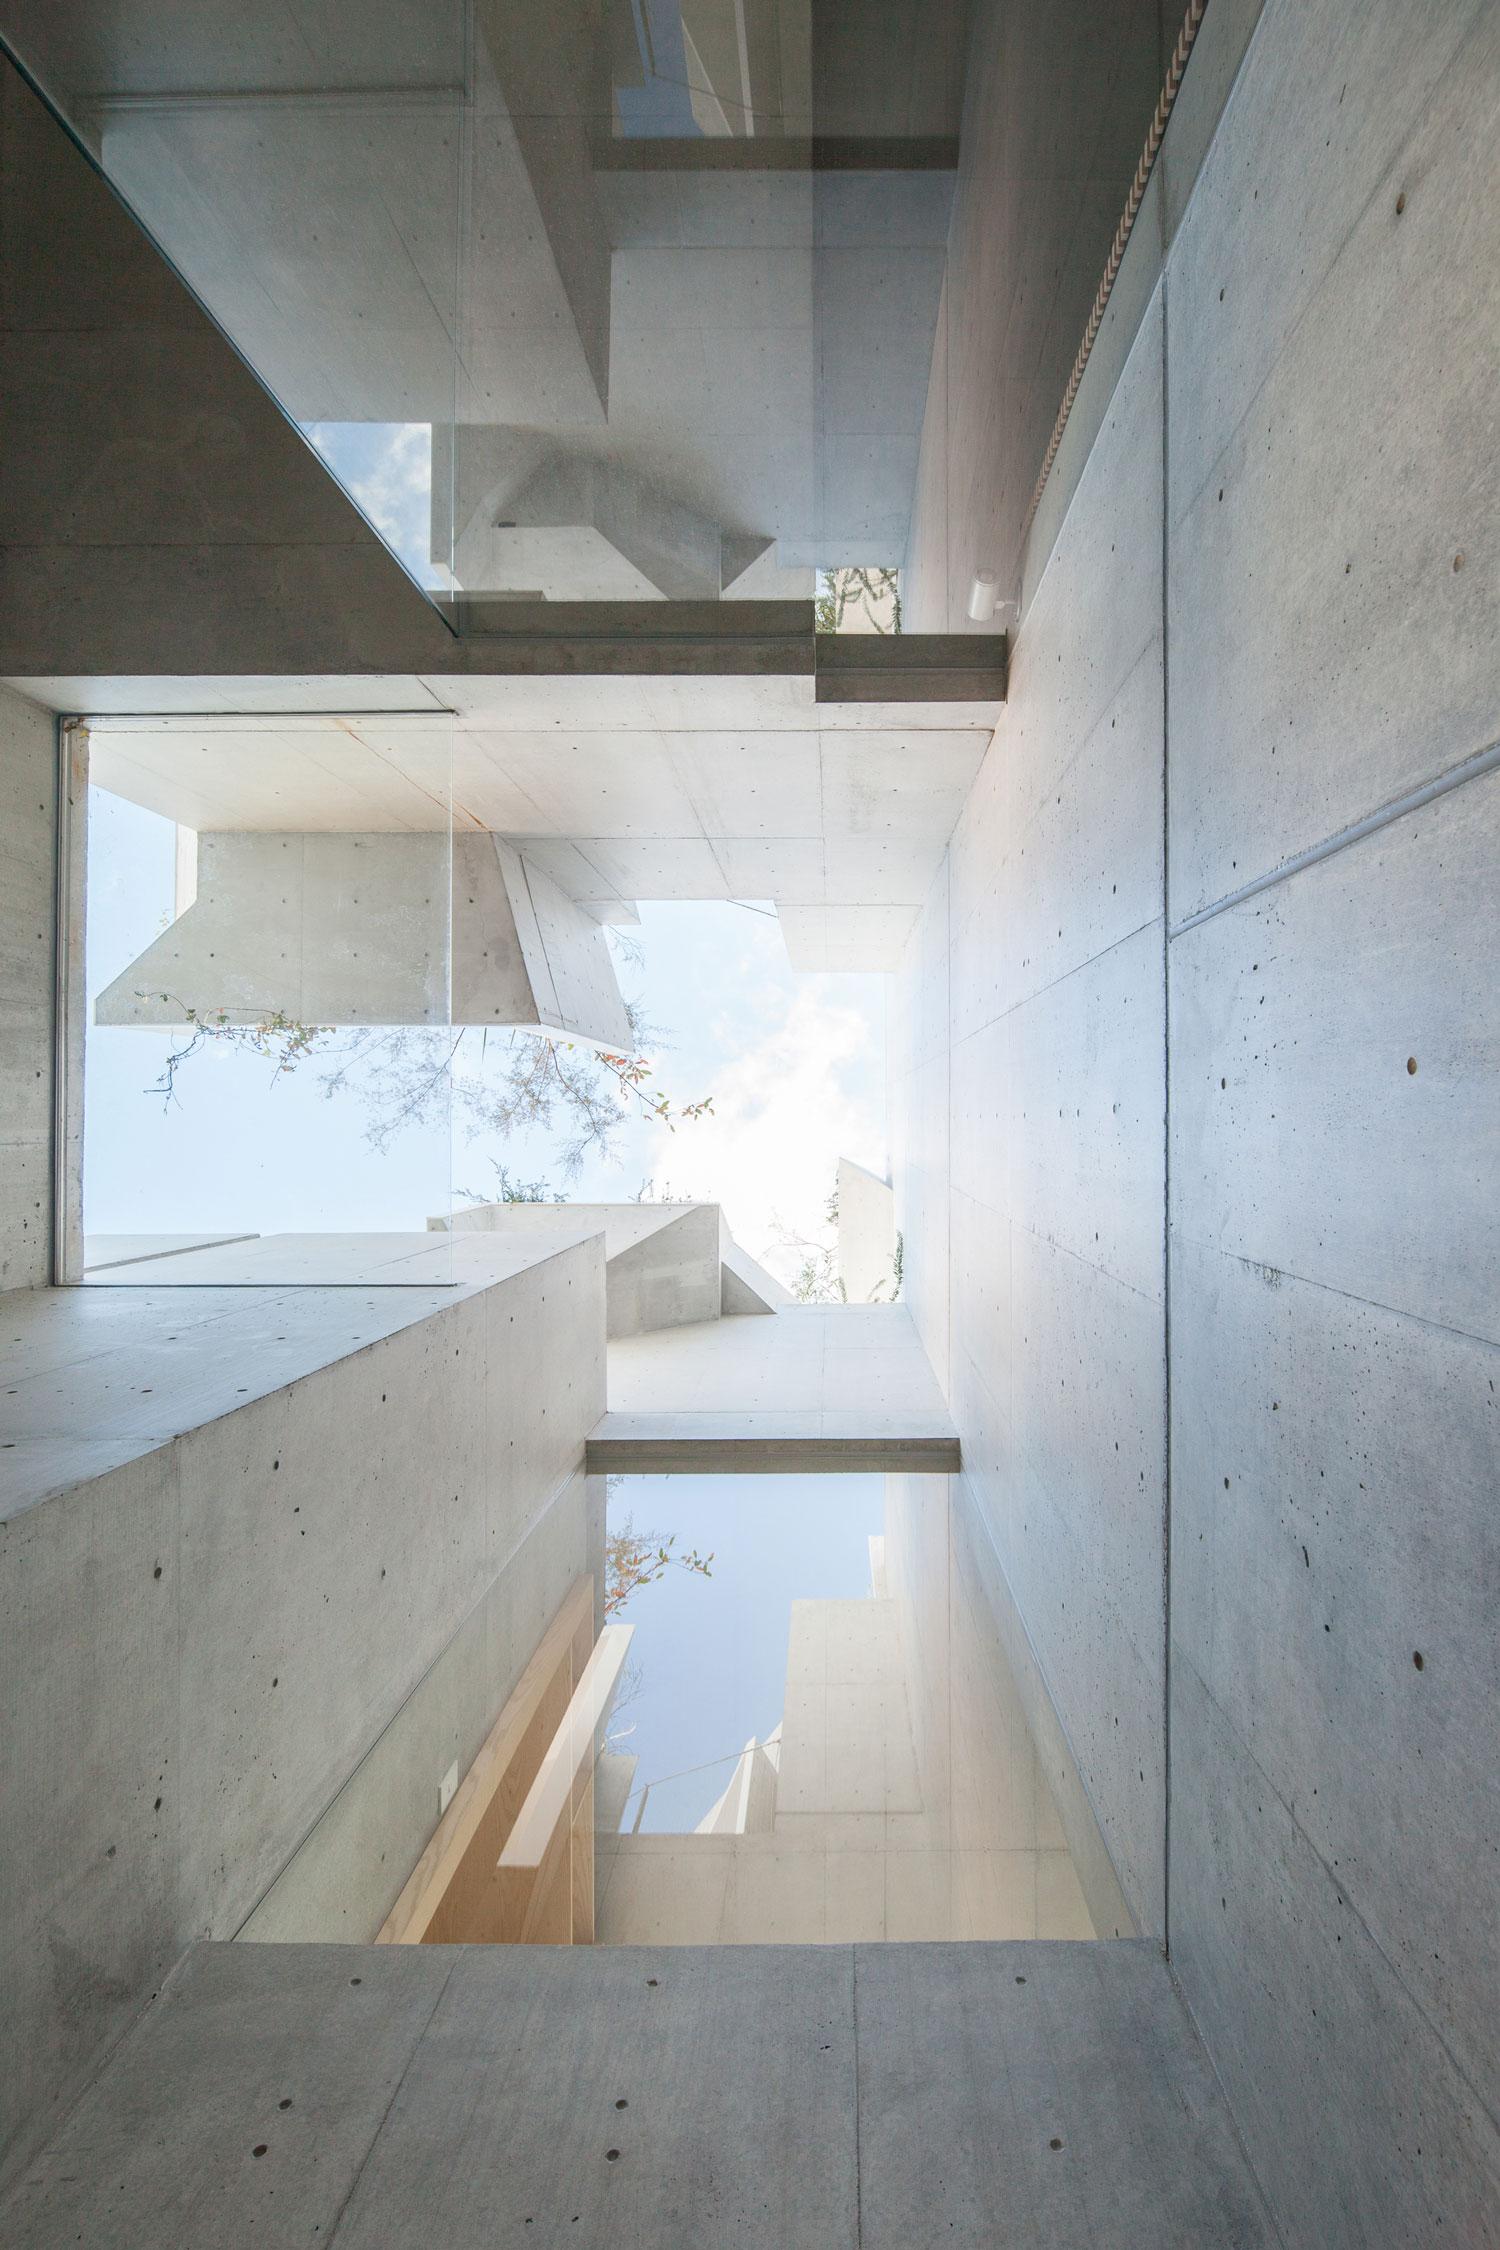 Tree-ness-House-Toshima-Japan-by-Akihisa-Hirata-Yellowtrace-14.jpg